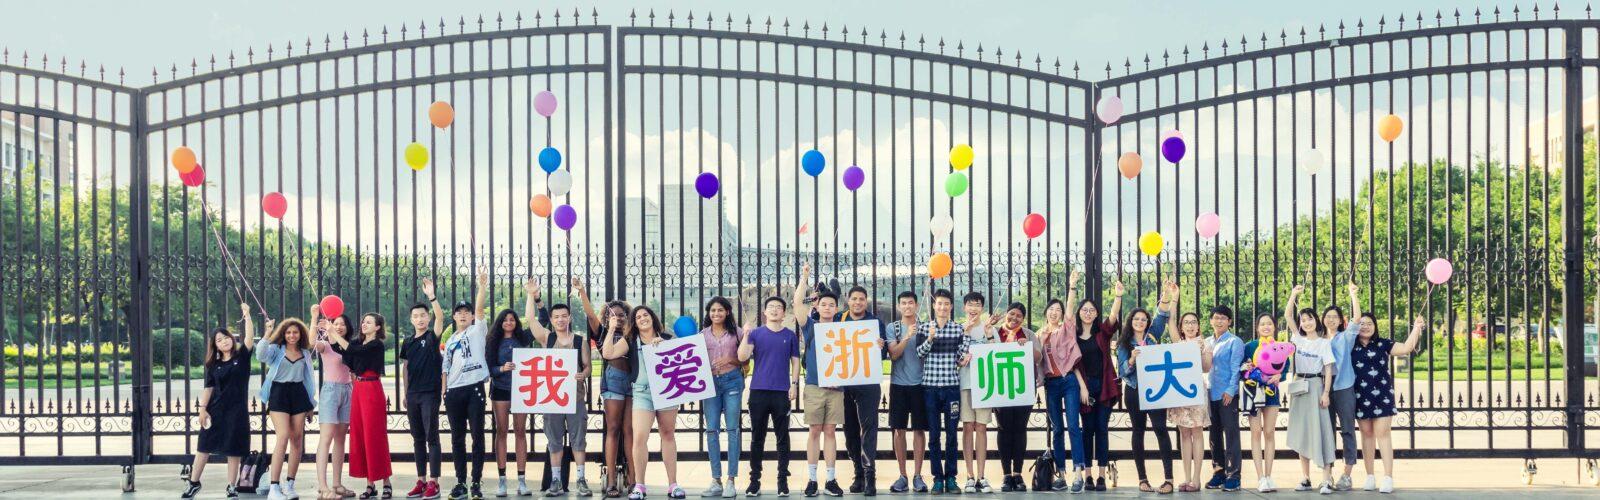 Zhejiang Normal University information